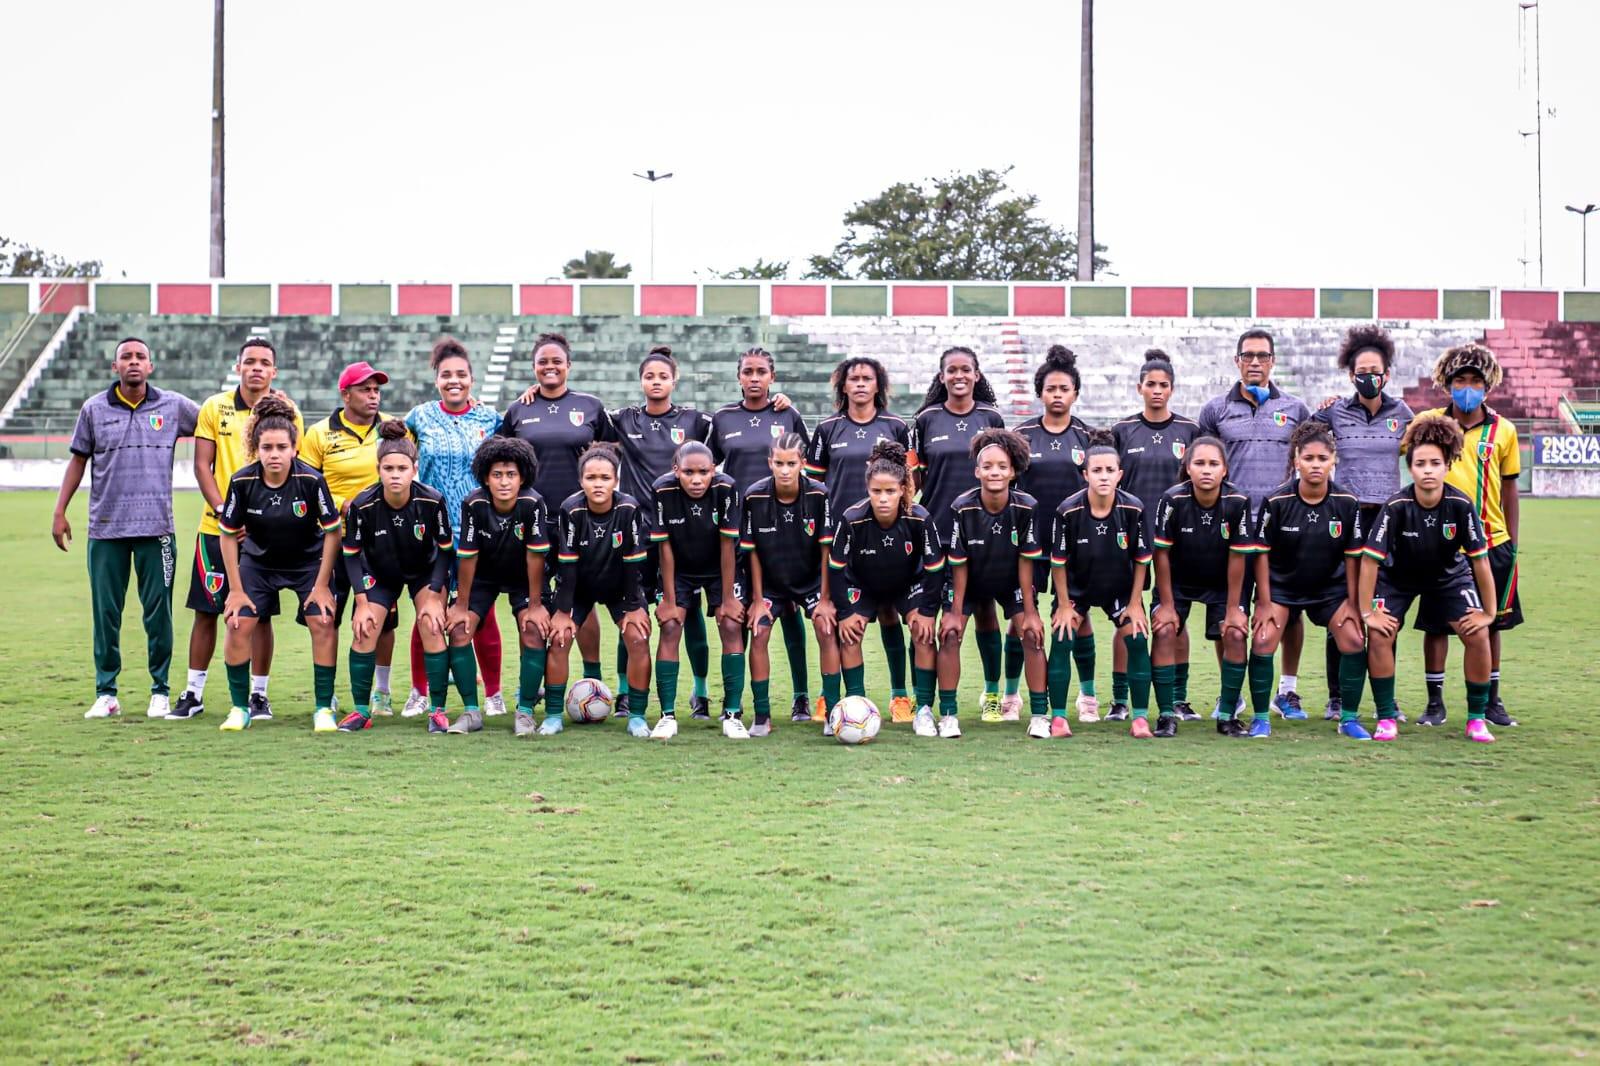 AD Lusaca confirmado no Campeonato Brasileiro de Futebol 7 Feminino - 2021